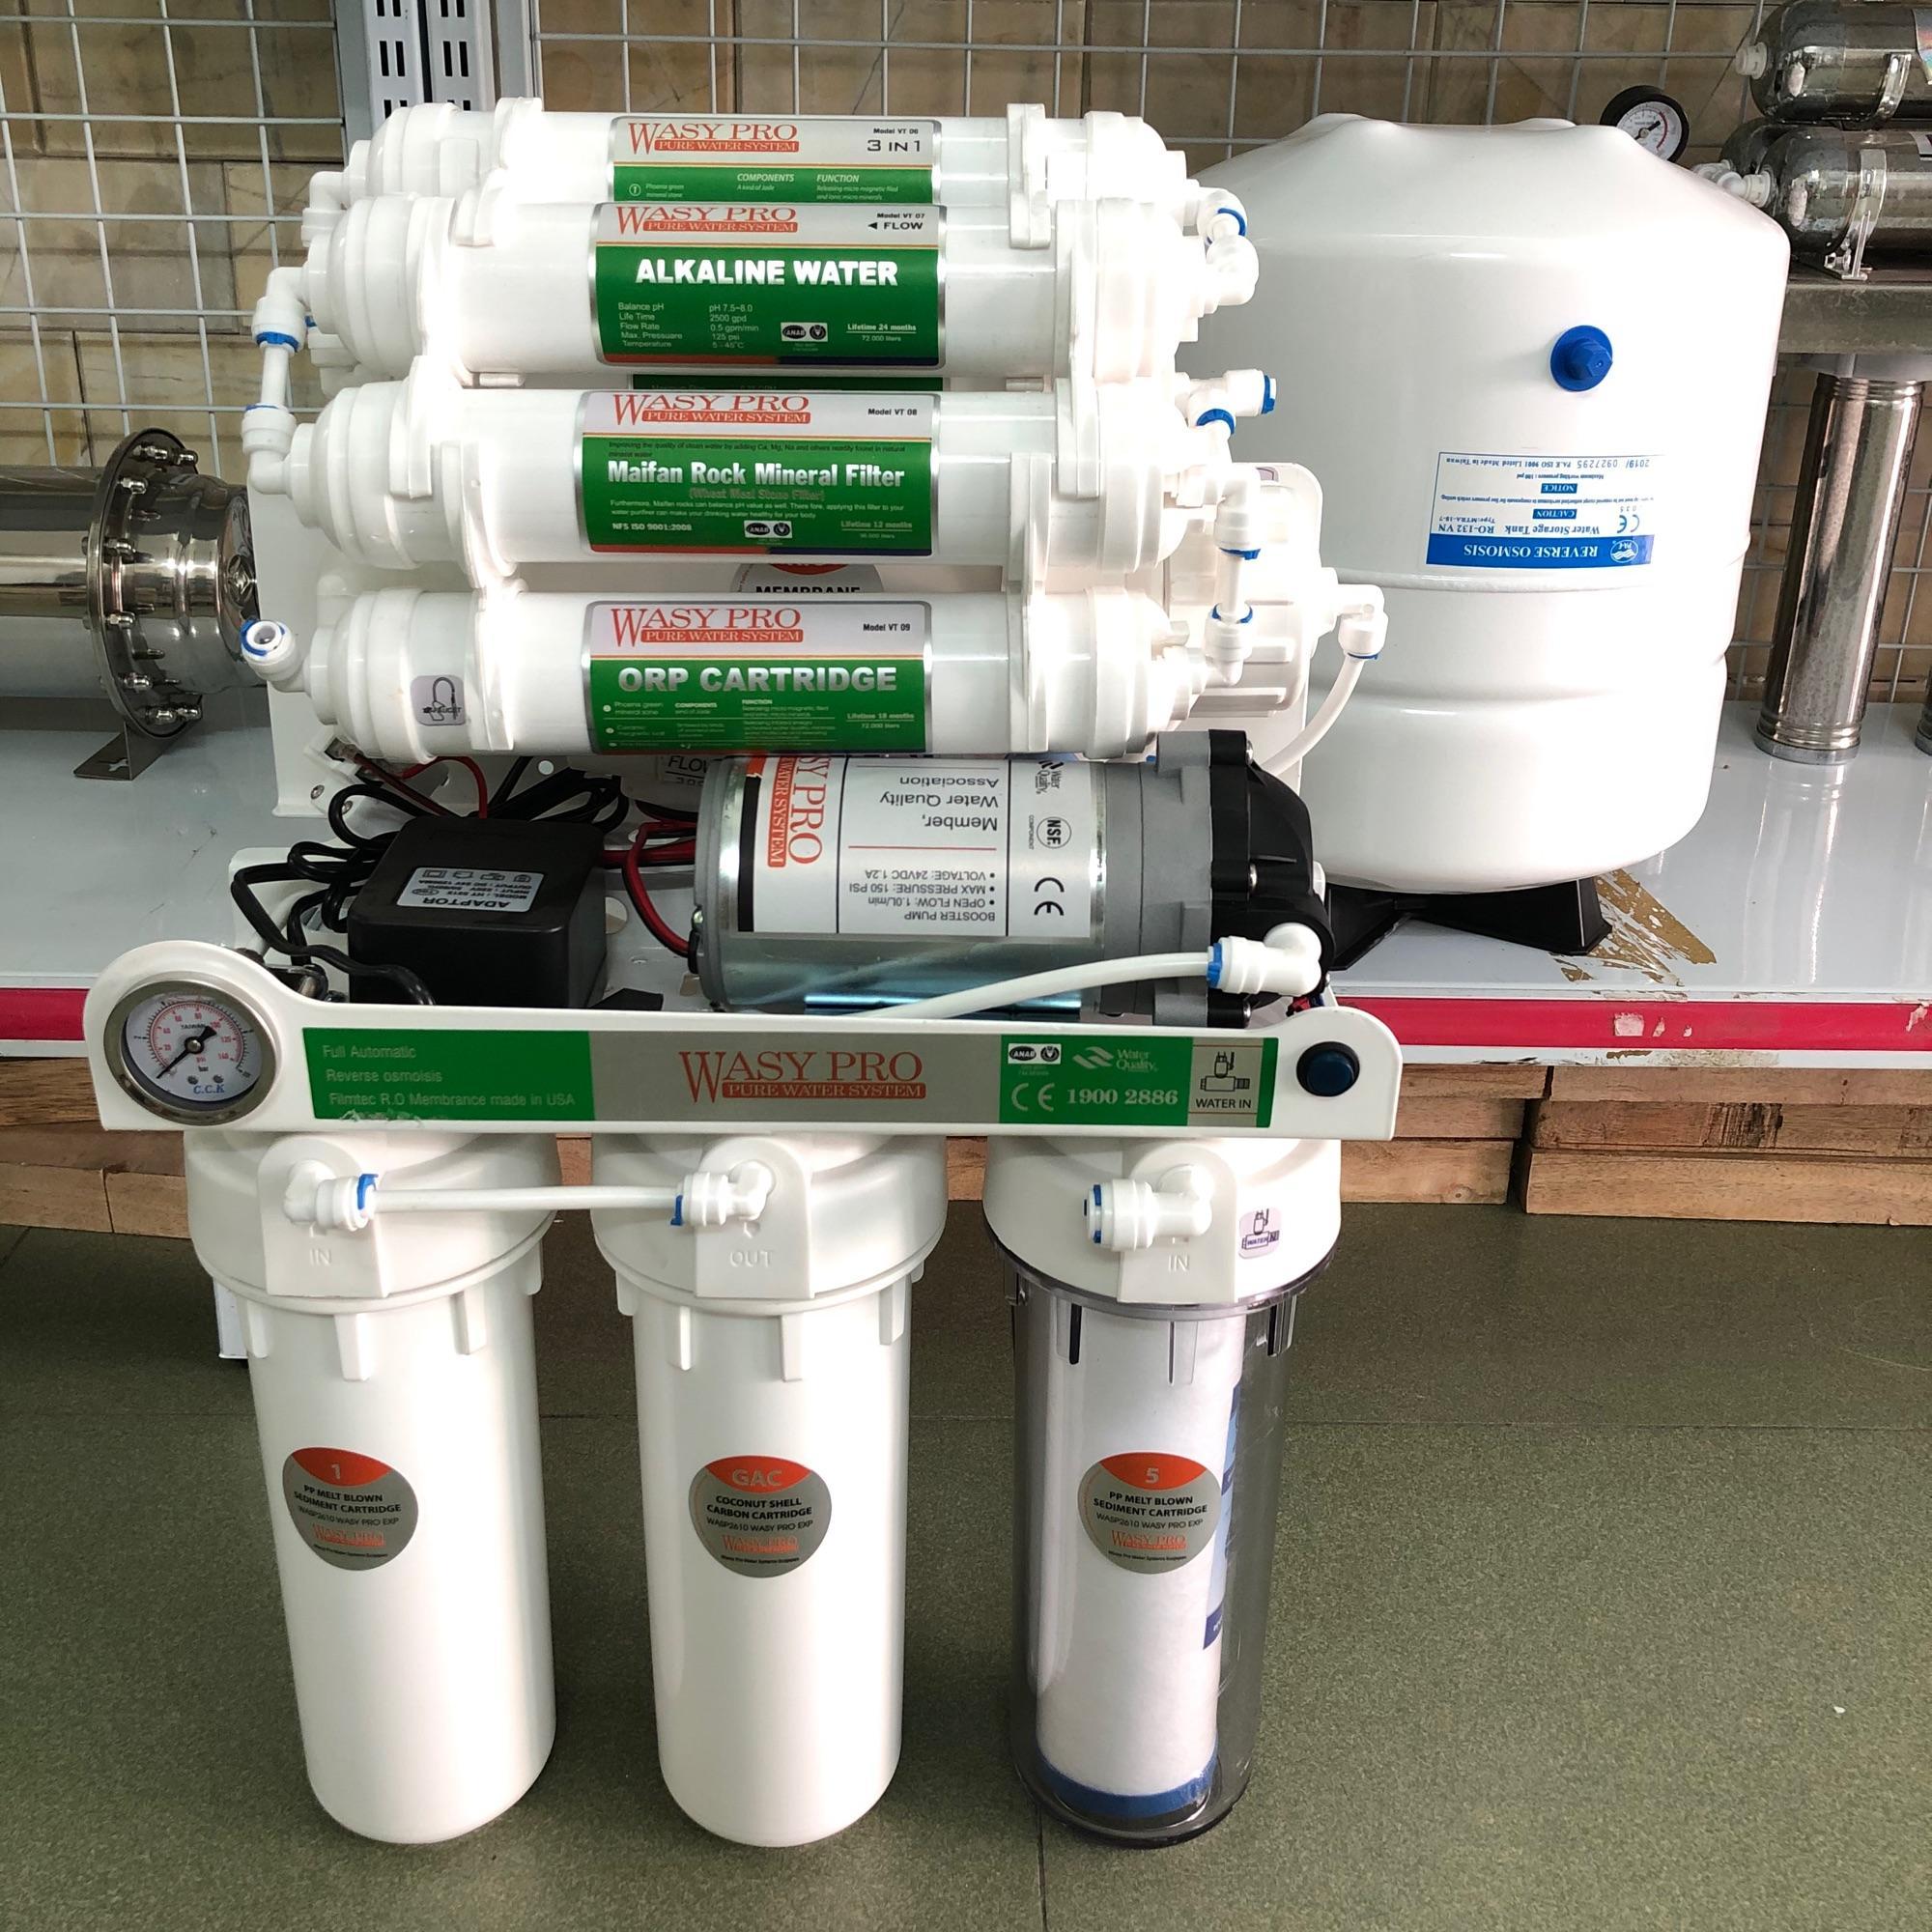 Bảng giá Lọc nước uống siêu sạch hơn nước đóng chai, chi phí vận hành siêu rẻ Điện máy Pico